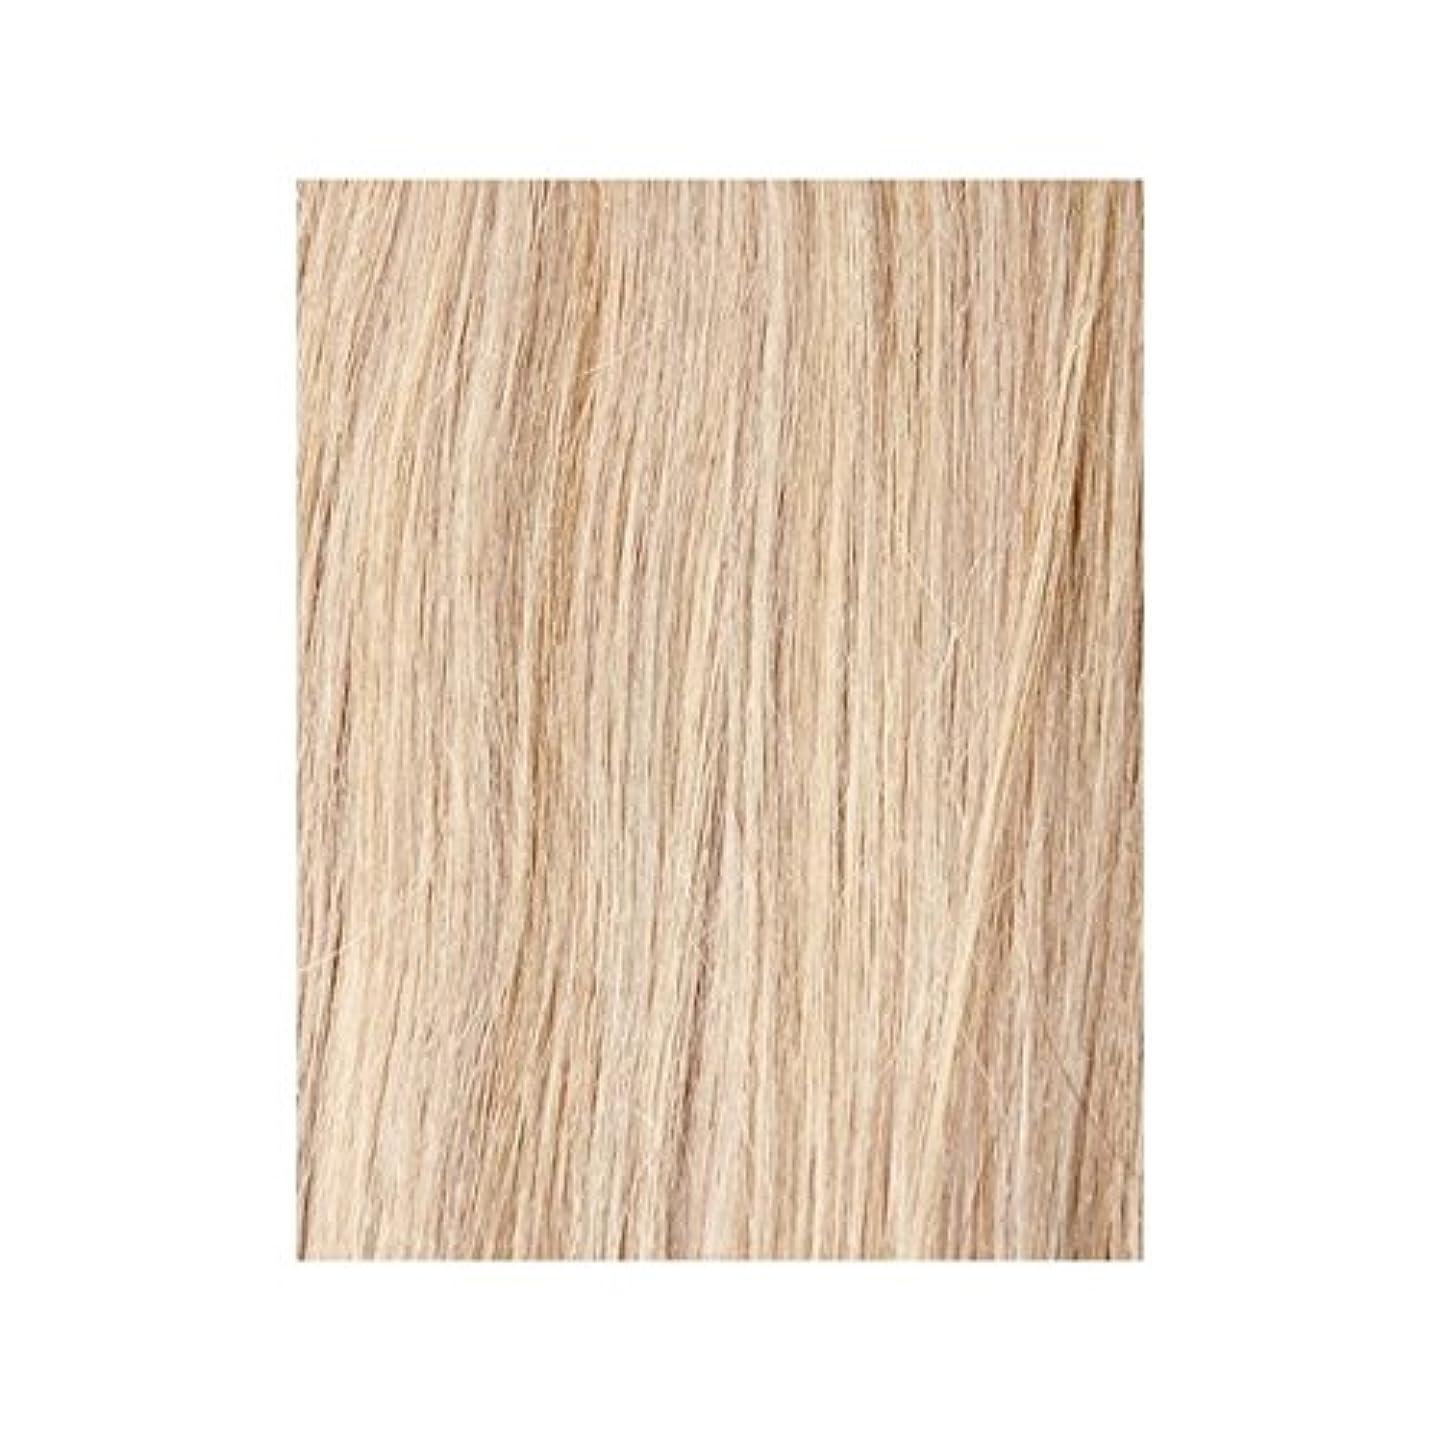 然としたチューブそうヴィンテージブロンド60 - 美しさは、100%レミーの色見本ヘアエクステンションの作品 x4 - Beauty Works 100% Remy Colour Swatch Hair Extension - Vintage Blonde 60 (Pack of 4) [並行輸入品]